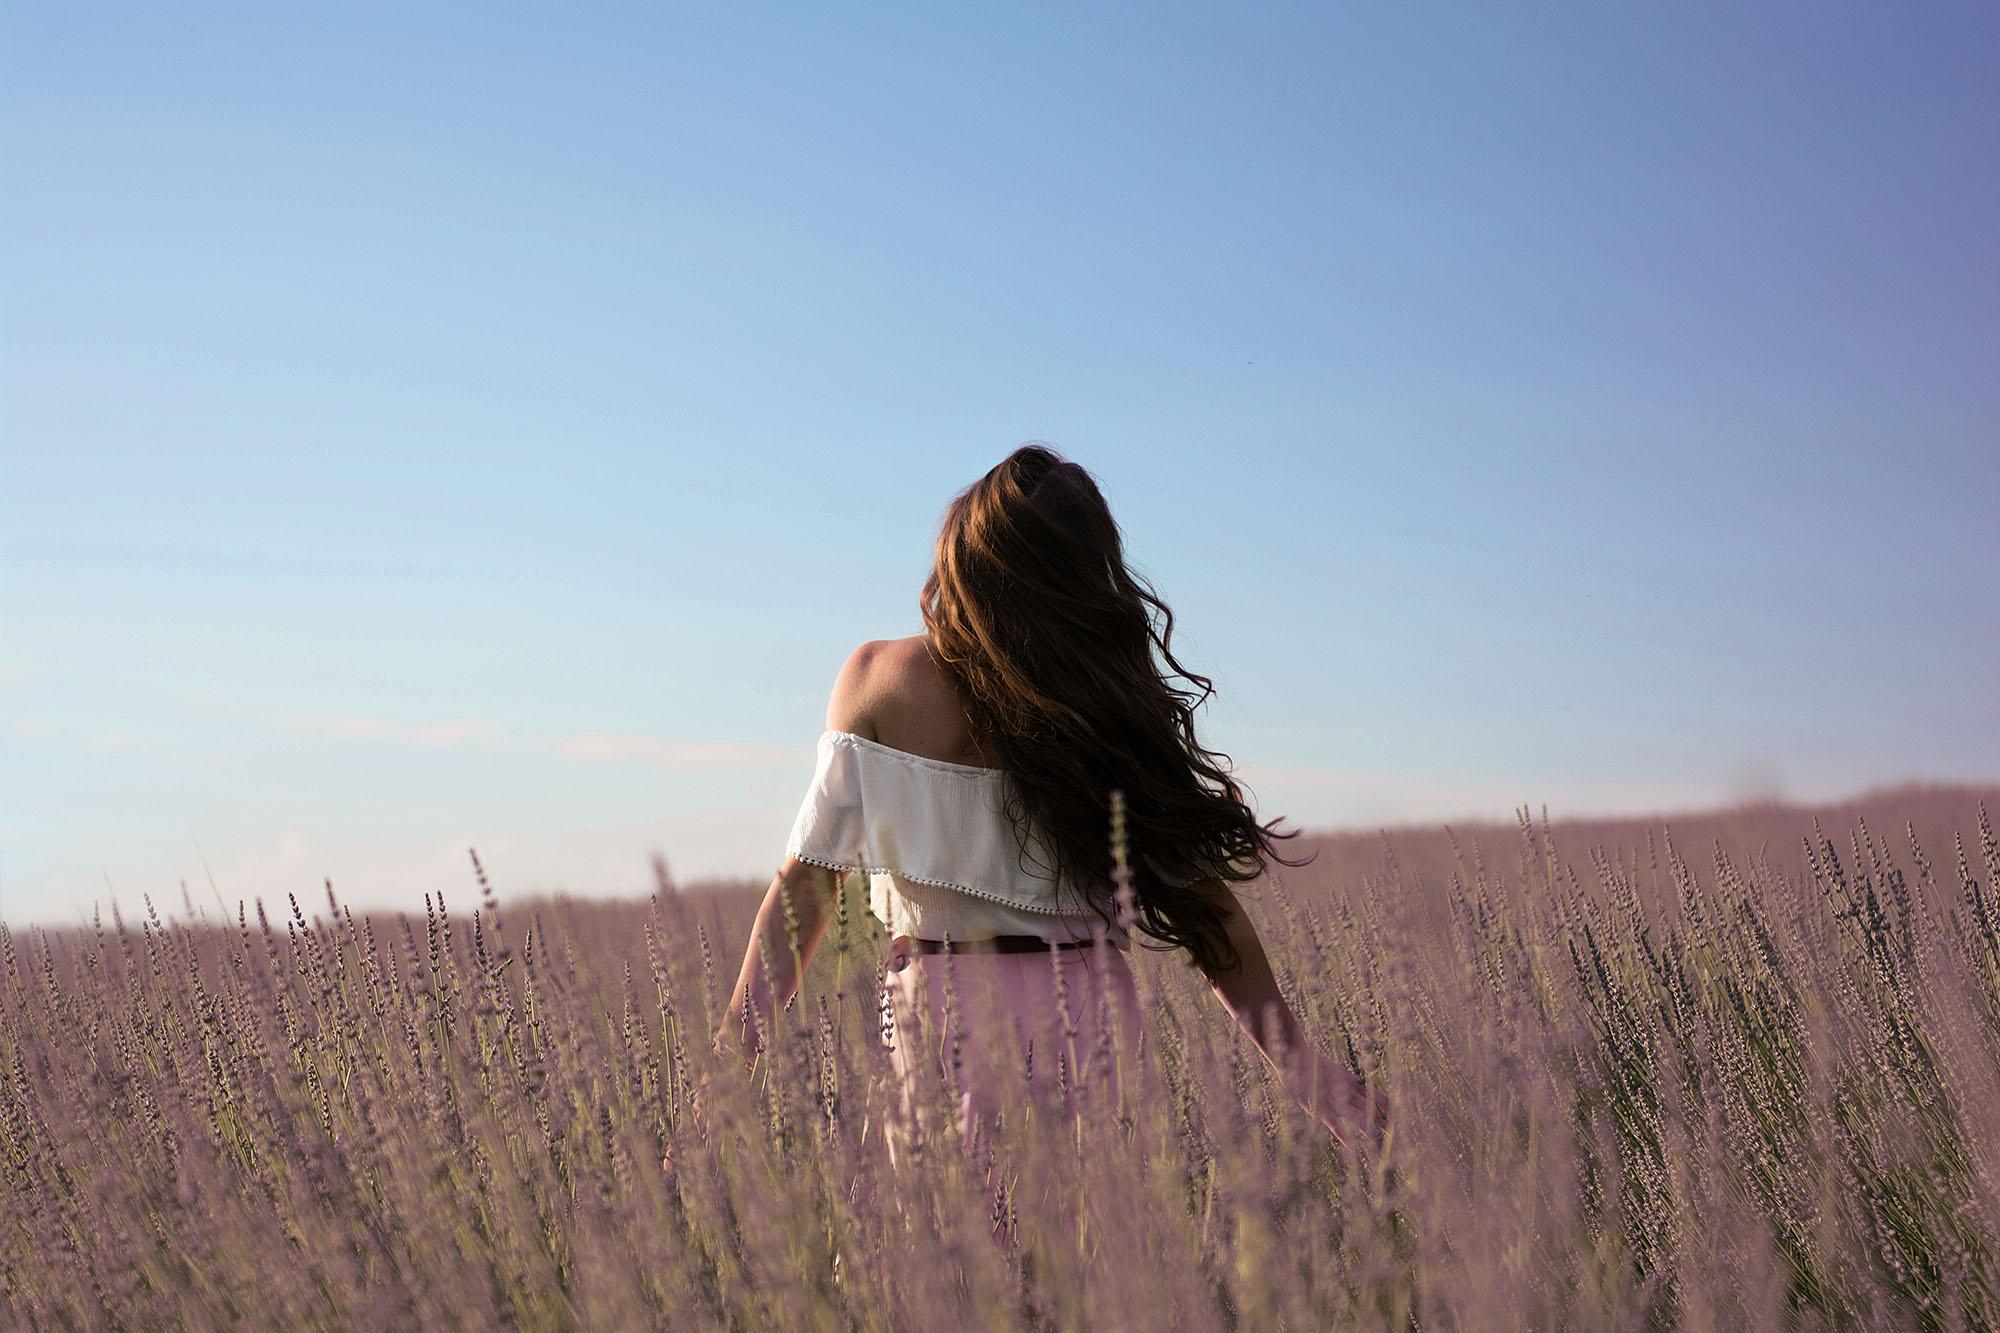 Petra Cutuk Vjeruj Traži Manifestiraj Zdravlje Meditacija Vježbe Disanja Samopouzdanje Posao Emocije Savjet Radionica